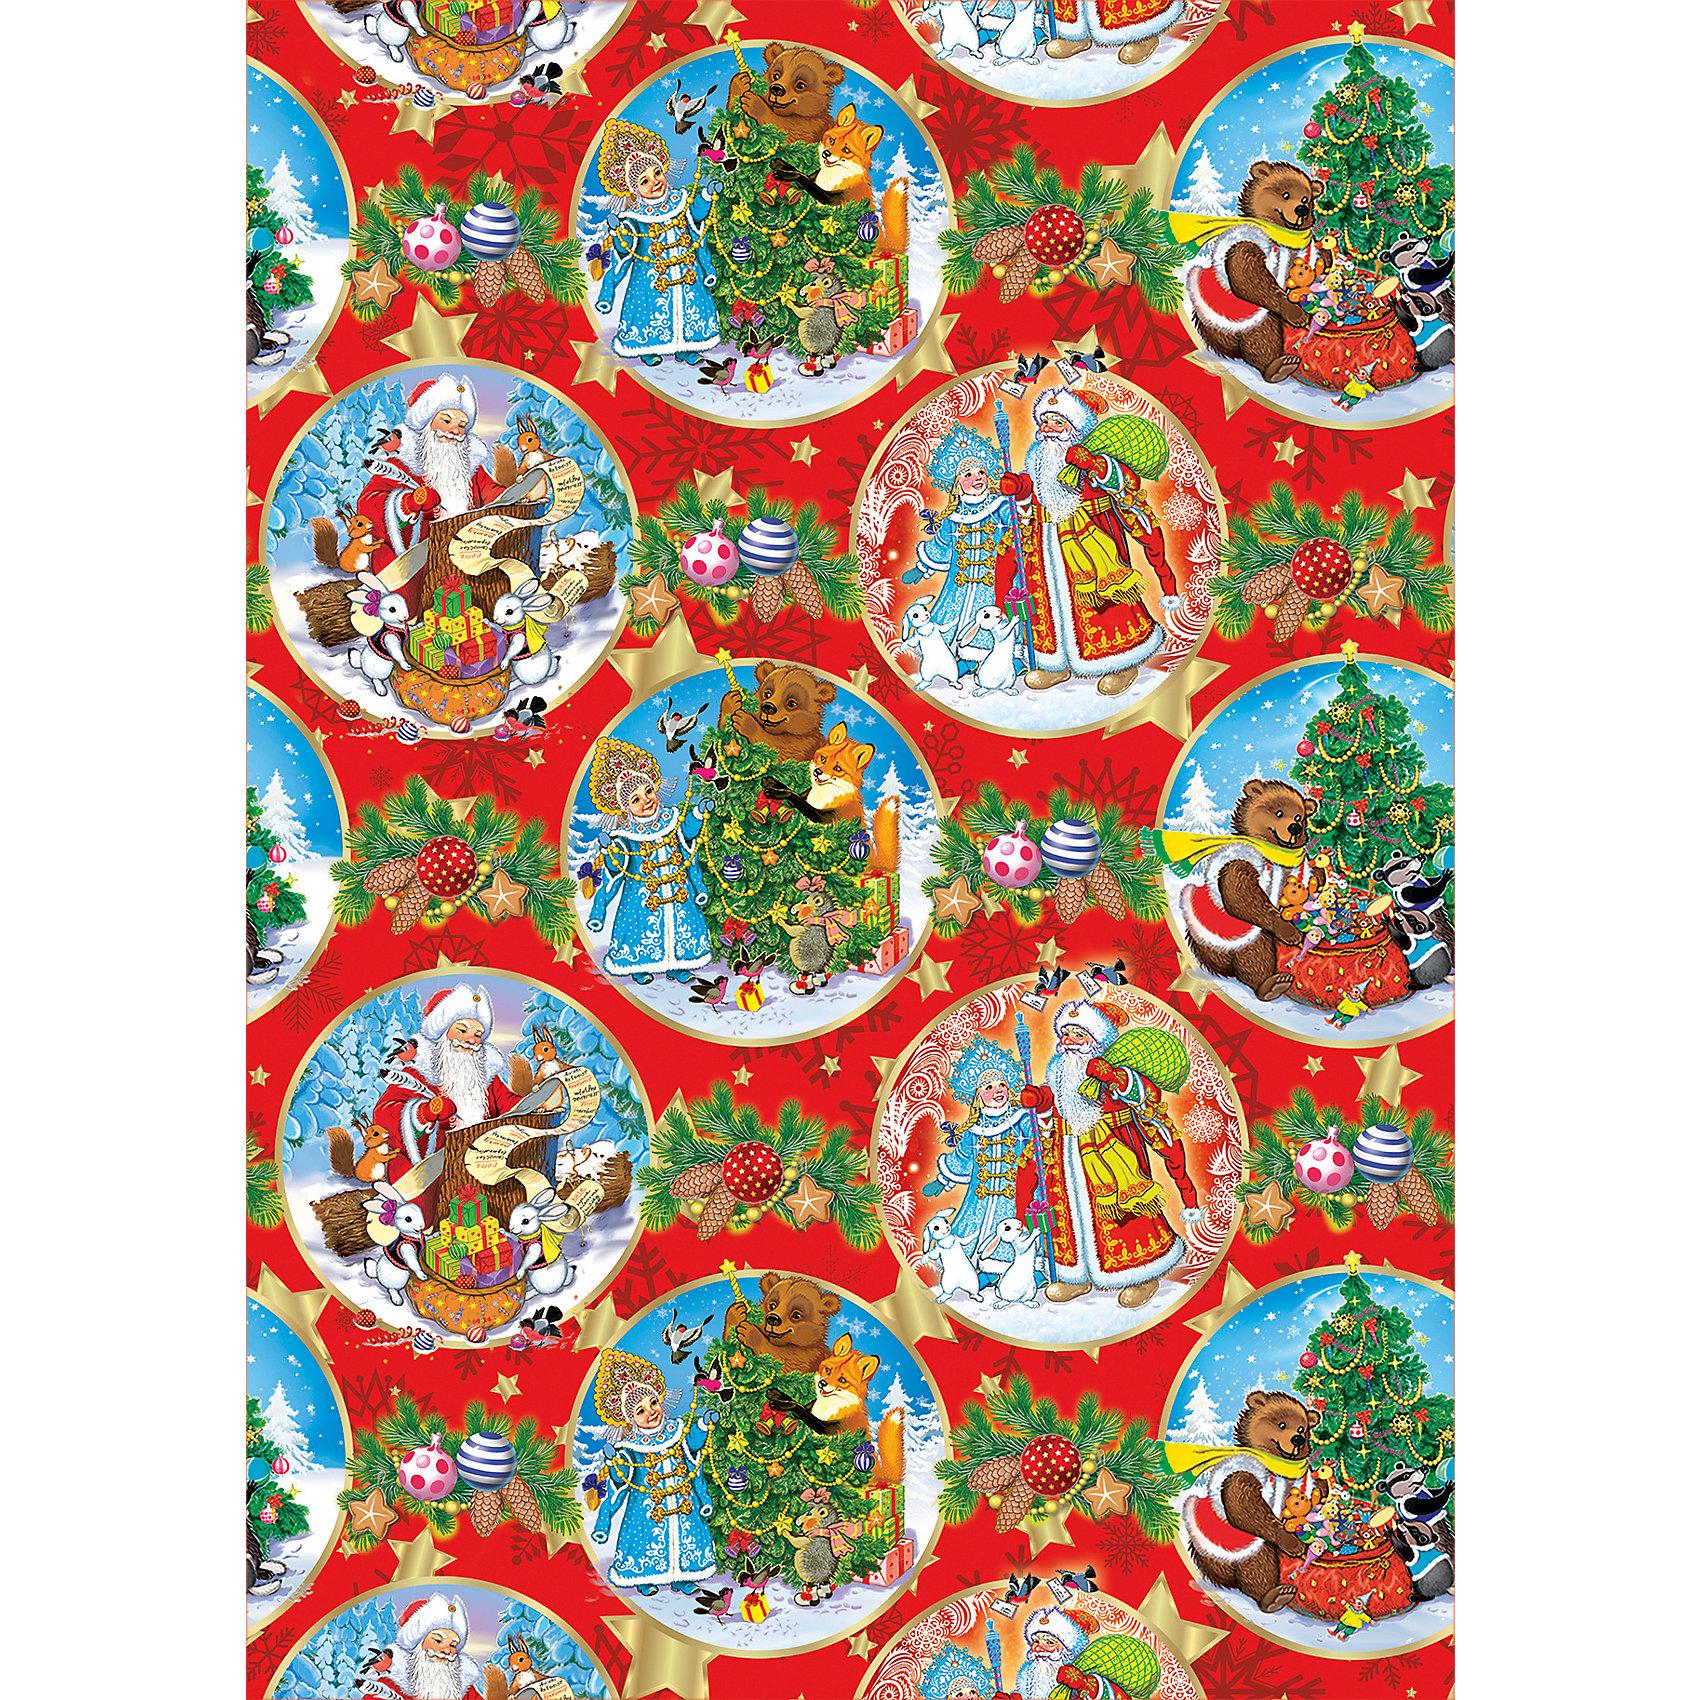 Упаковочная бумага Новый Год 100*70 смВсё для праздника<br>Новый год - самый любимый праздник у многих детей и взрослых.  Праздничное настроение создает украшенный дом, наряженная ёлка, запах мандаринов, предновогодняя суета и, конечно же, подарки! Чтобы сделать момент вручения приятнее, нужна красивая упаковочная бумага.<br>Эта бумага украшена симпатичным универсальным рисунком, поэтому в неё можно упаковать подарок и родственнику, и коллеге. Она сделана из безопасного для детей, прочного, но легкого, материала. Создайте с ней праздничное настроение себе и близким!<br><br>Дополнительная информация:<br><br>плотность: 80 г/м2;<br>размер: 100 х 70 см;<br>в рулоне;<br>украшена рисунком.<br><br>Упаковочную бумагу Новый Год 100*70 см можно купить в нашем магазине.<br><br>Ширина мм: 100<br>Глубина мм: 100<br>Высота мм: 60<br>Вес г: 370<br>Возраст от месяцев: 36<br>Возраст до месяцев: 2147483647<br>Пол: Унисекс<br>Возраст: Детский<br>SKU: 4981387